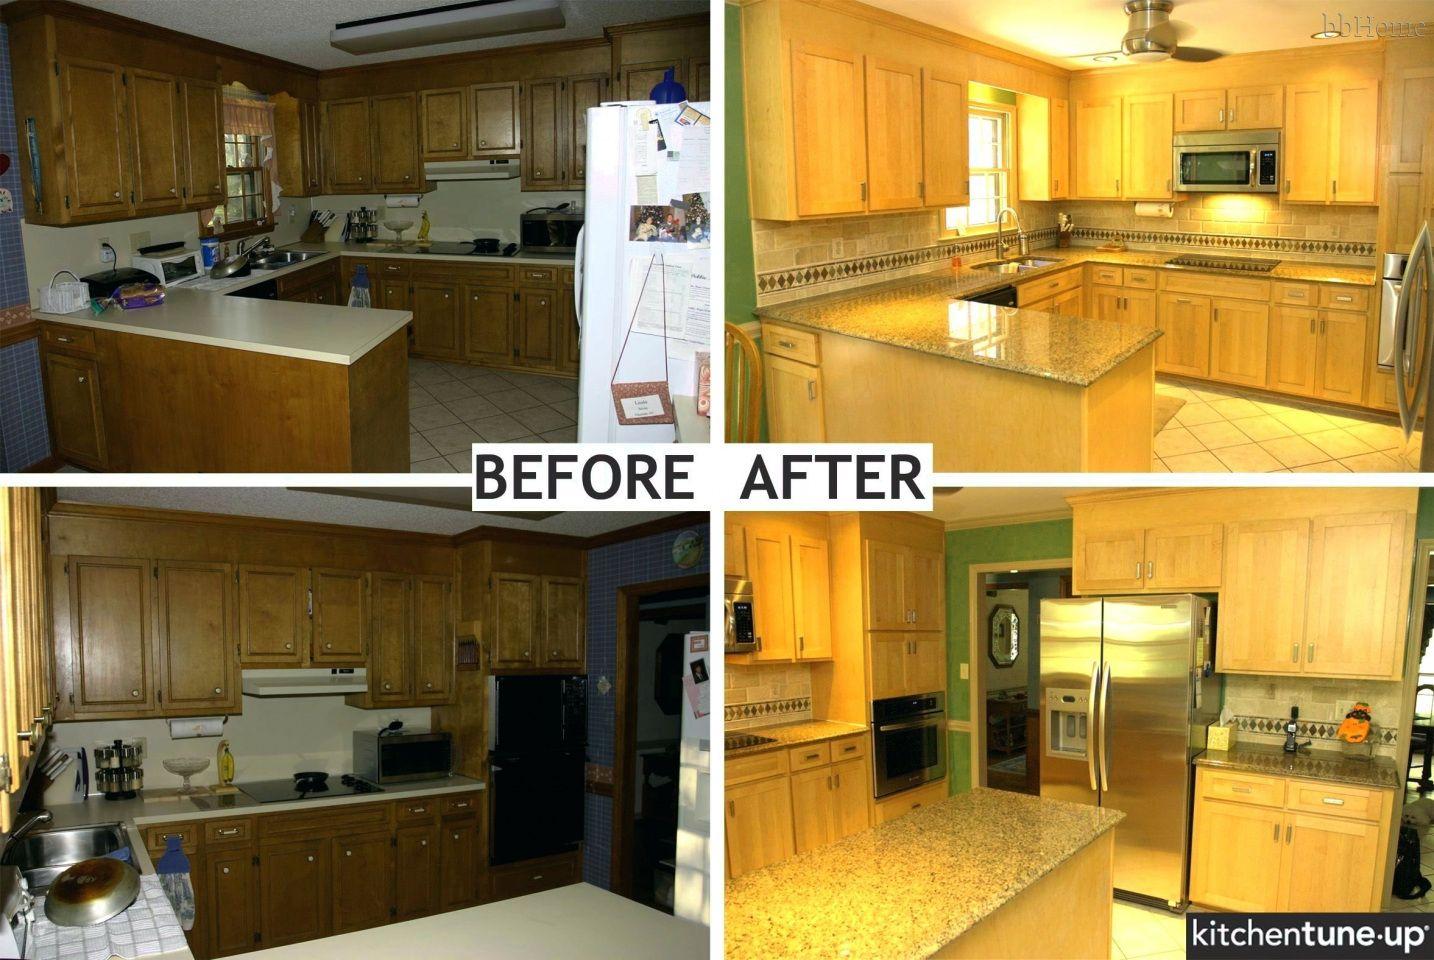 Fein Küchenschränke Refacing Diy Bilder - Küchen Design Ideen ...